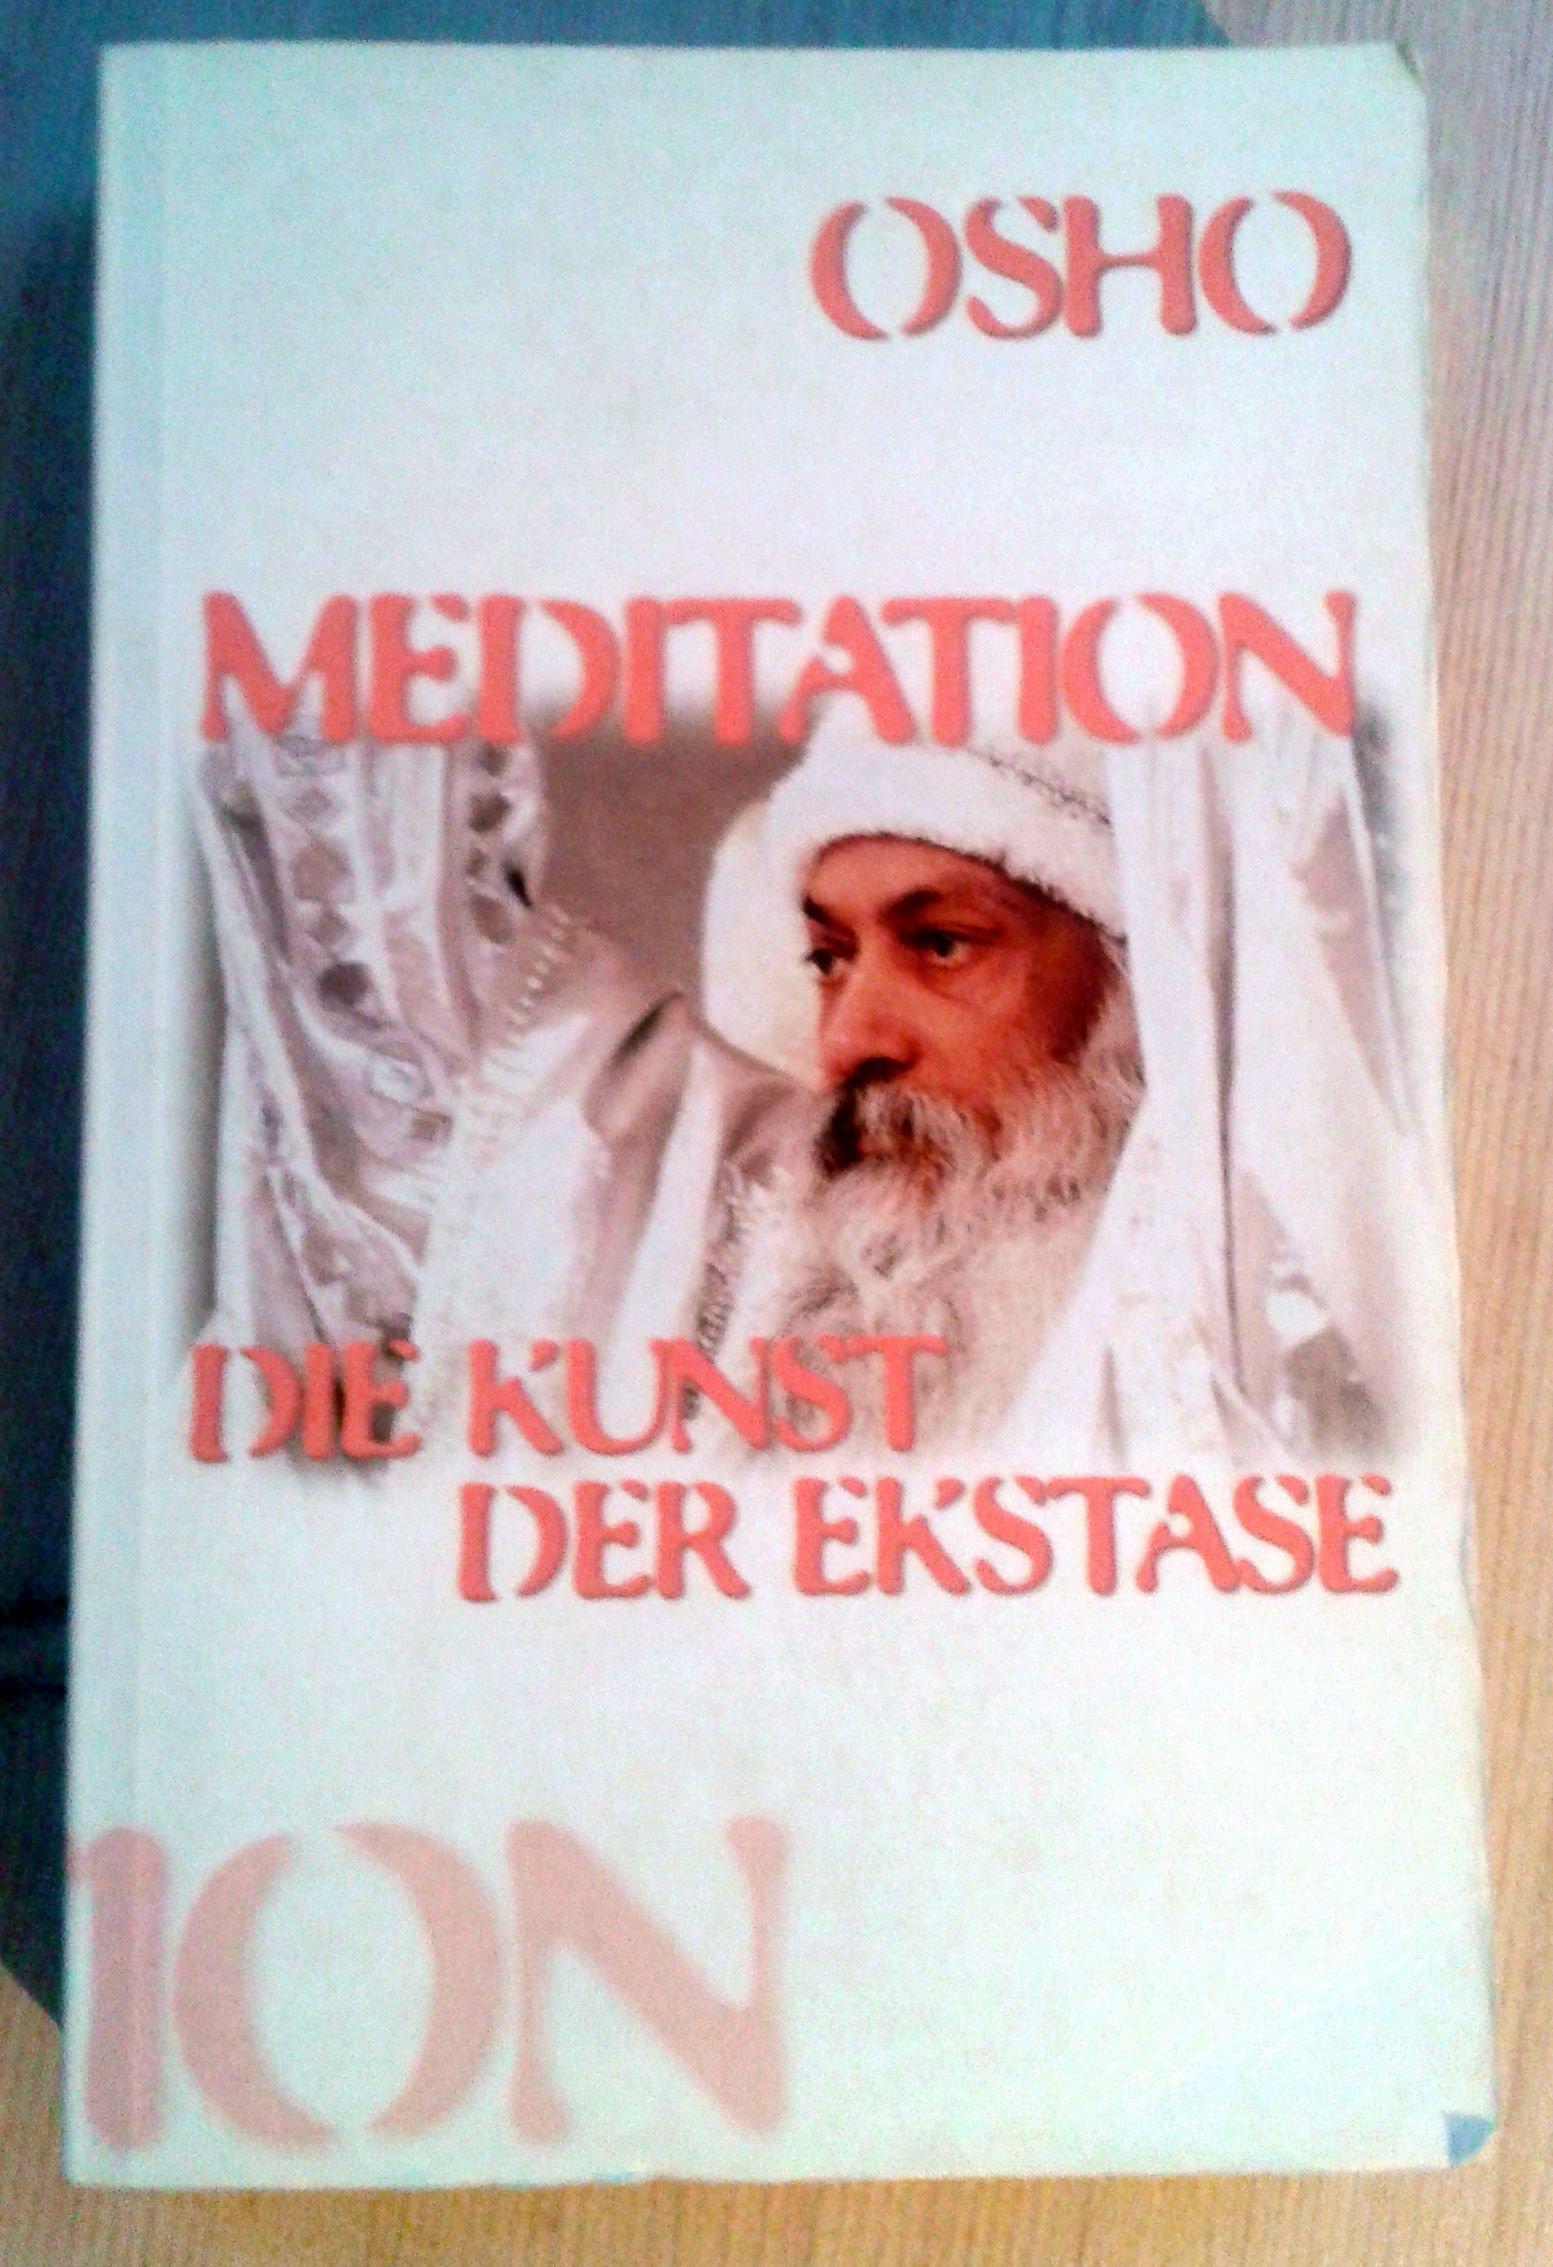 Meditation, die Kunst der Ekstase